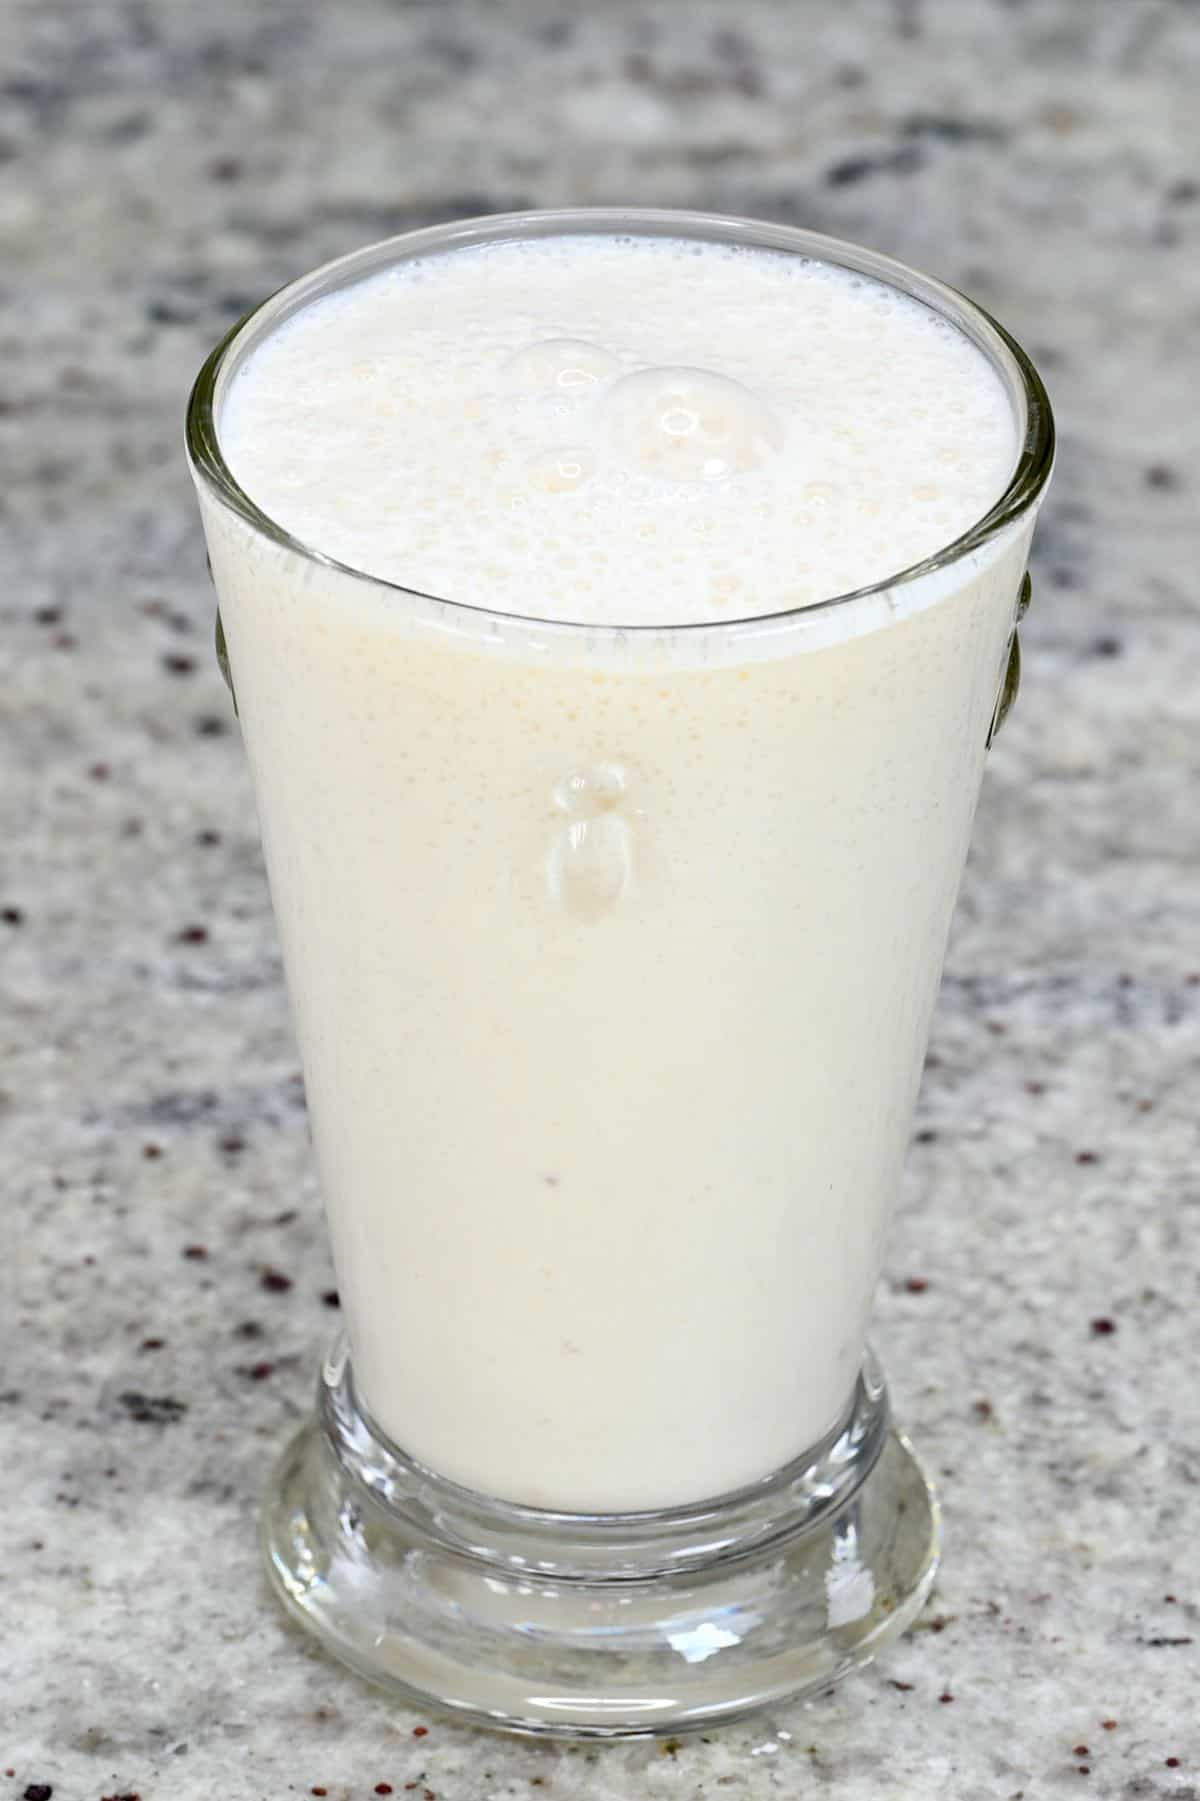 A glass with banana milkshake